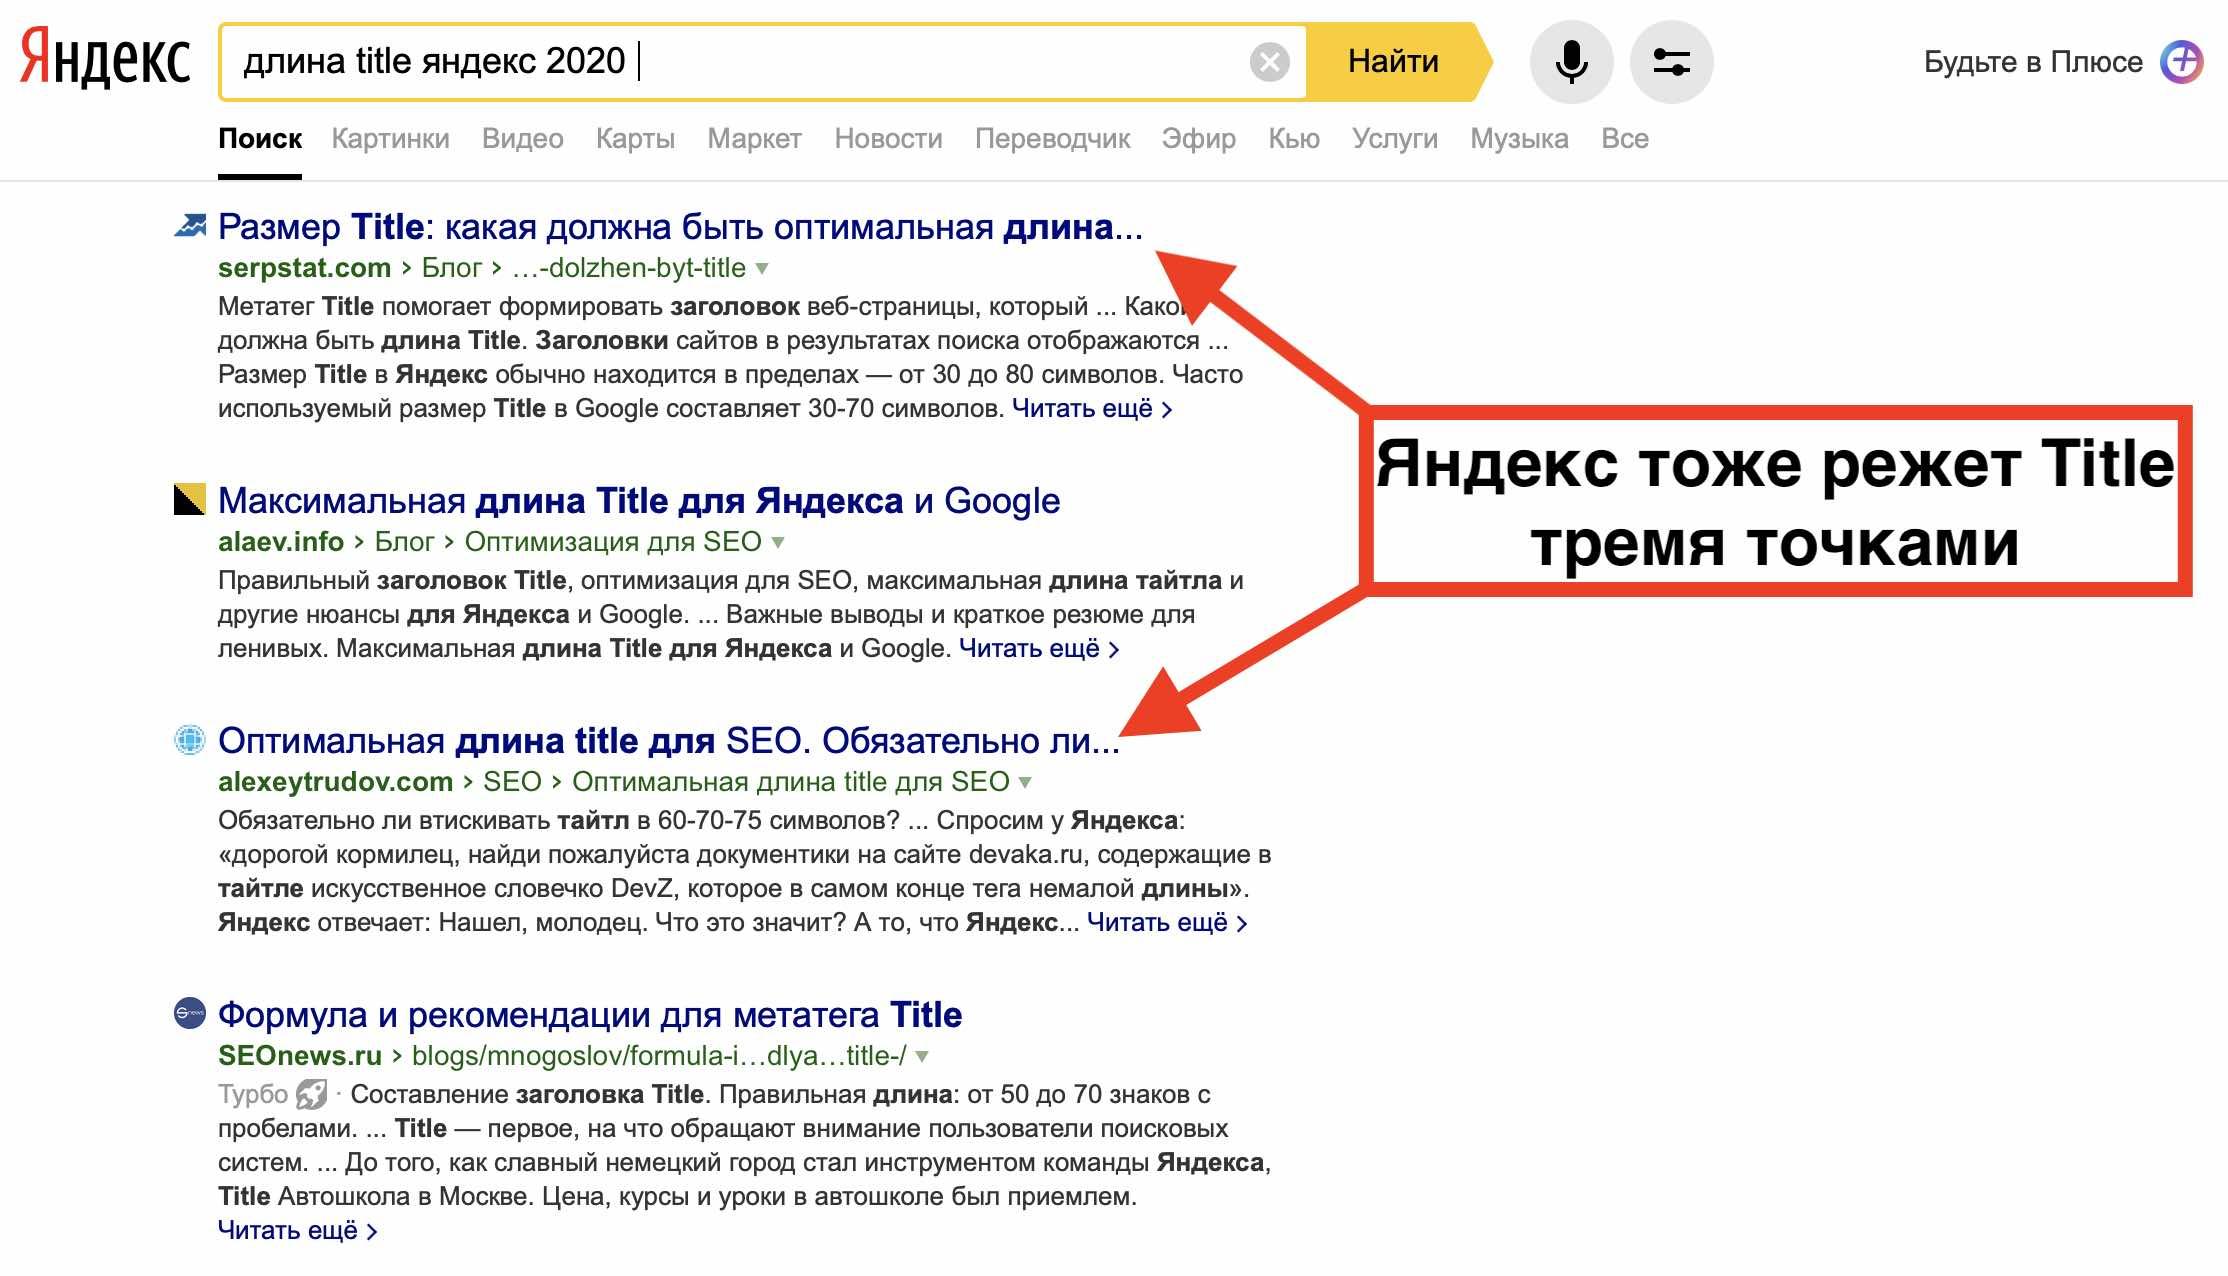 Влияние длинны title на продвижение сайта в Яндекс